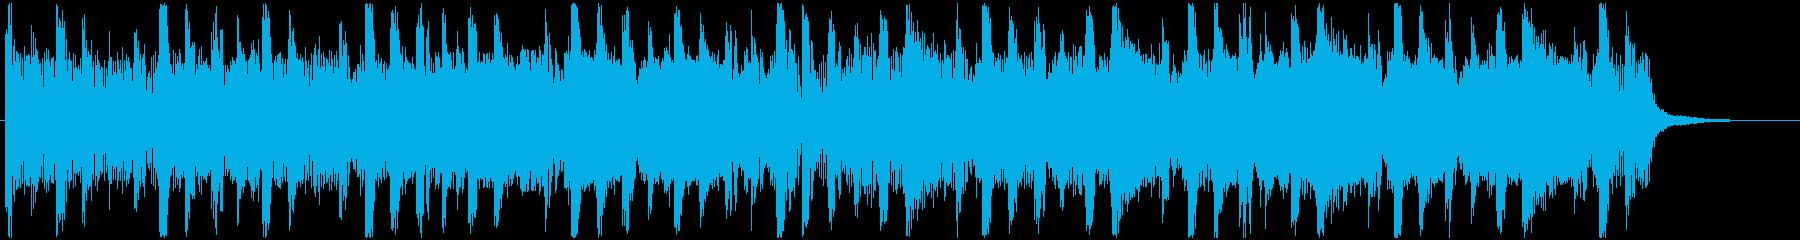 爽やかに疾走するドラムンベース系ジングルの再生済みの波形